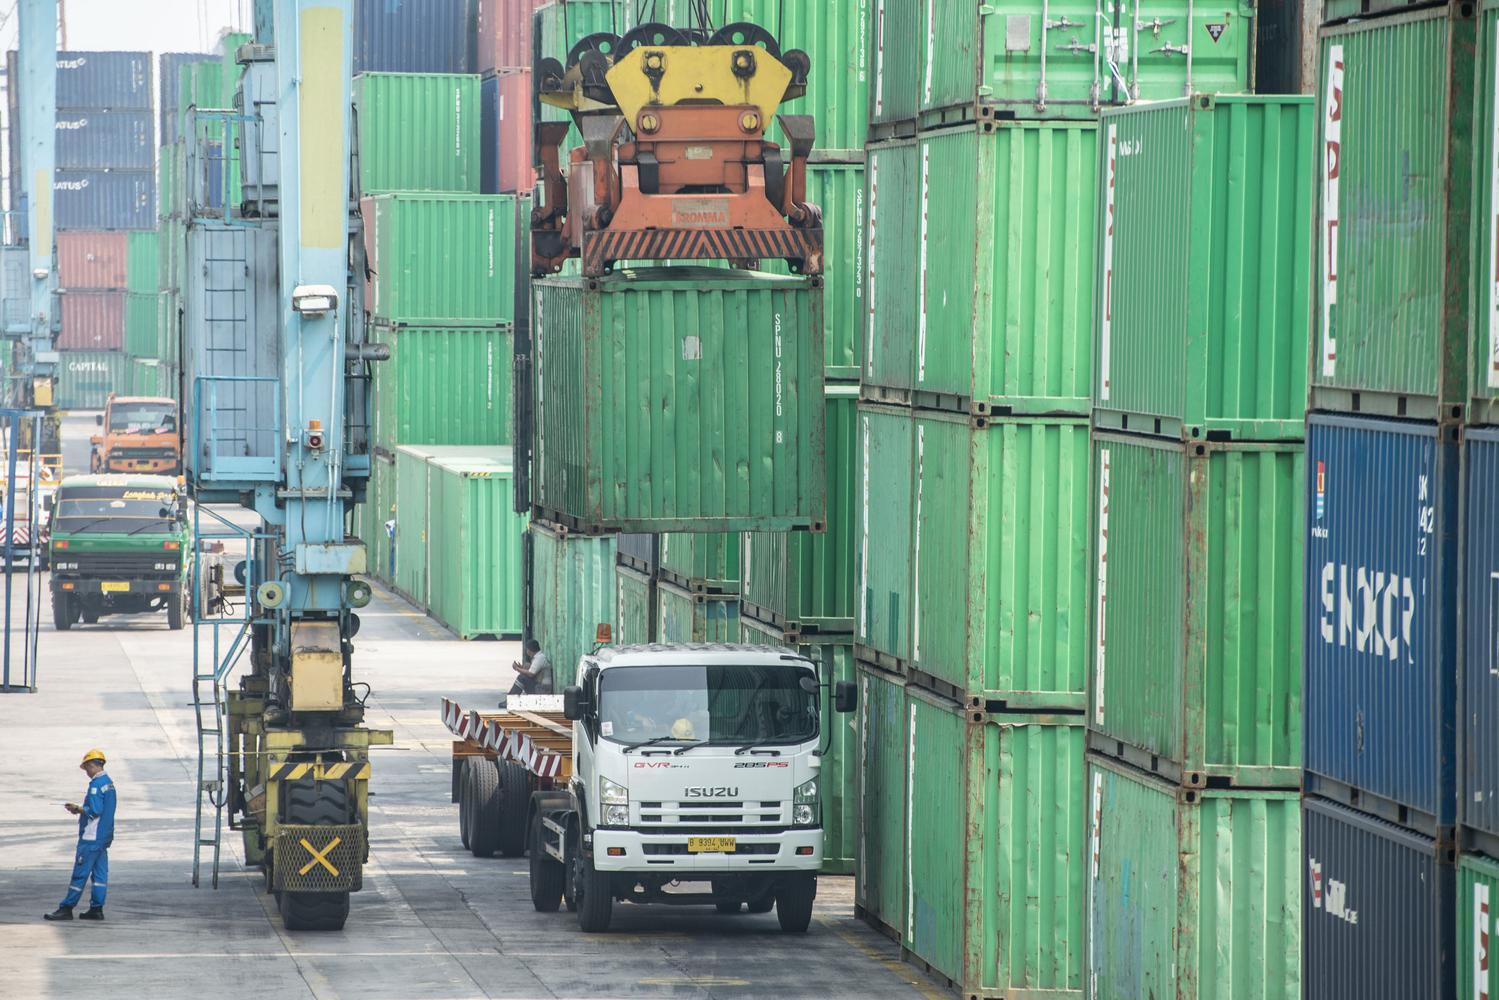 Pekerja beraktivitas di area bongkar muat peti kemas di Pelabuhan Tanjung Priok, Jakarta, Kamis (17/10/2019). Badan Pusat Statistik mencatat neraca perdagangan Indonesia mengalami defisit 160 juta Dolar AS pada September 2019 yang terjadi karena nilai eks